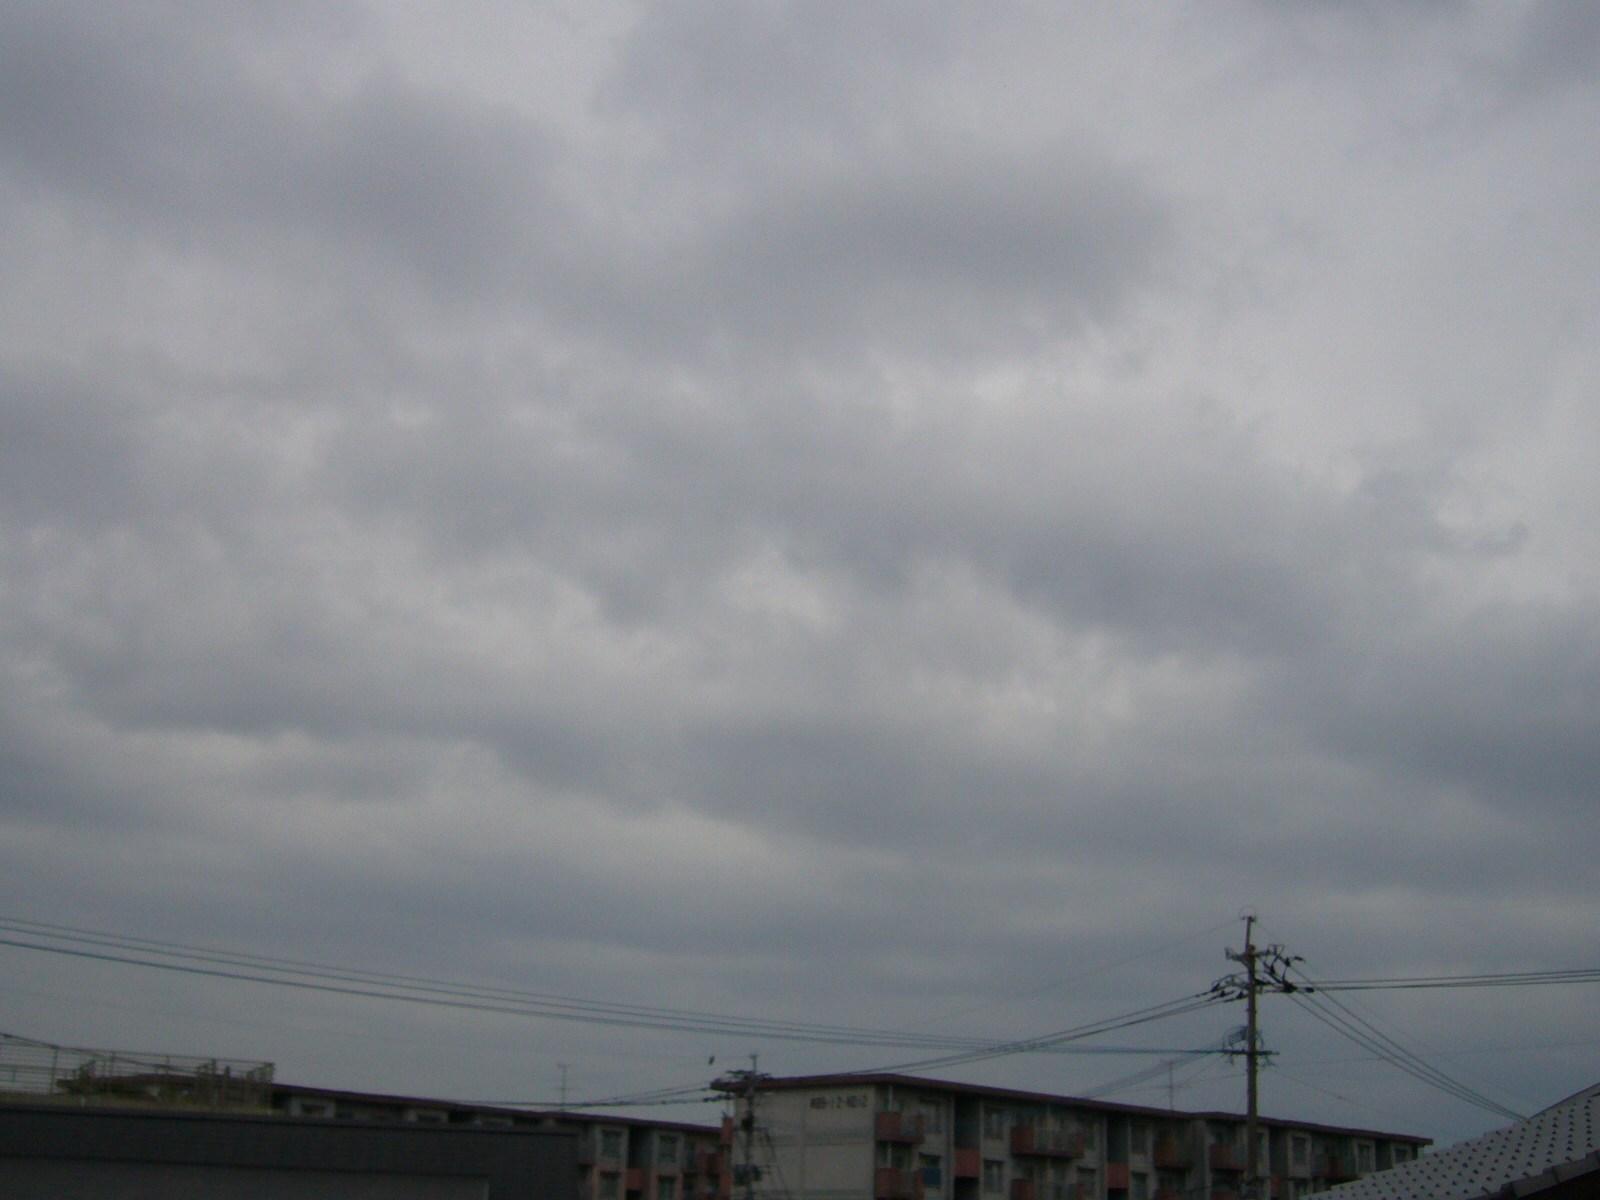 雲底1000m以下のヘビー級ナミナミ雲。2〜3時間後から降雨のソラヨミ。